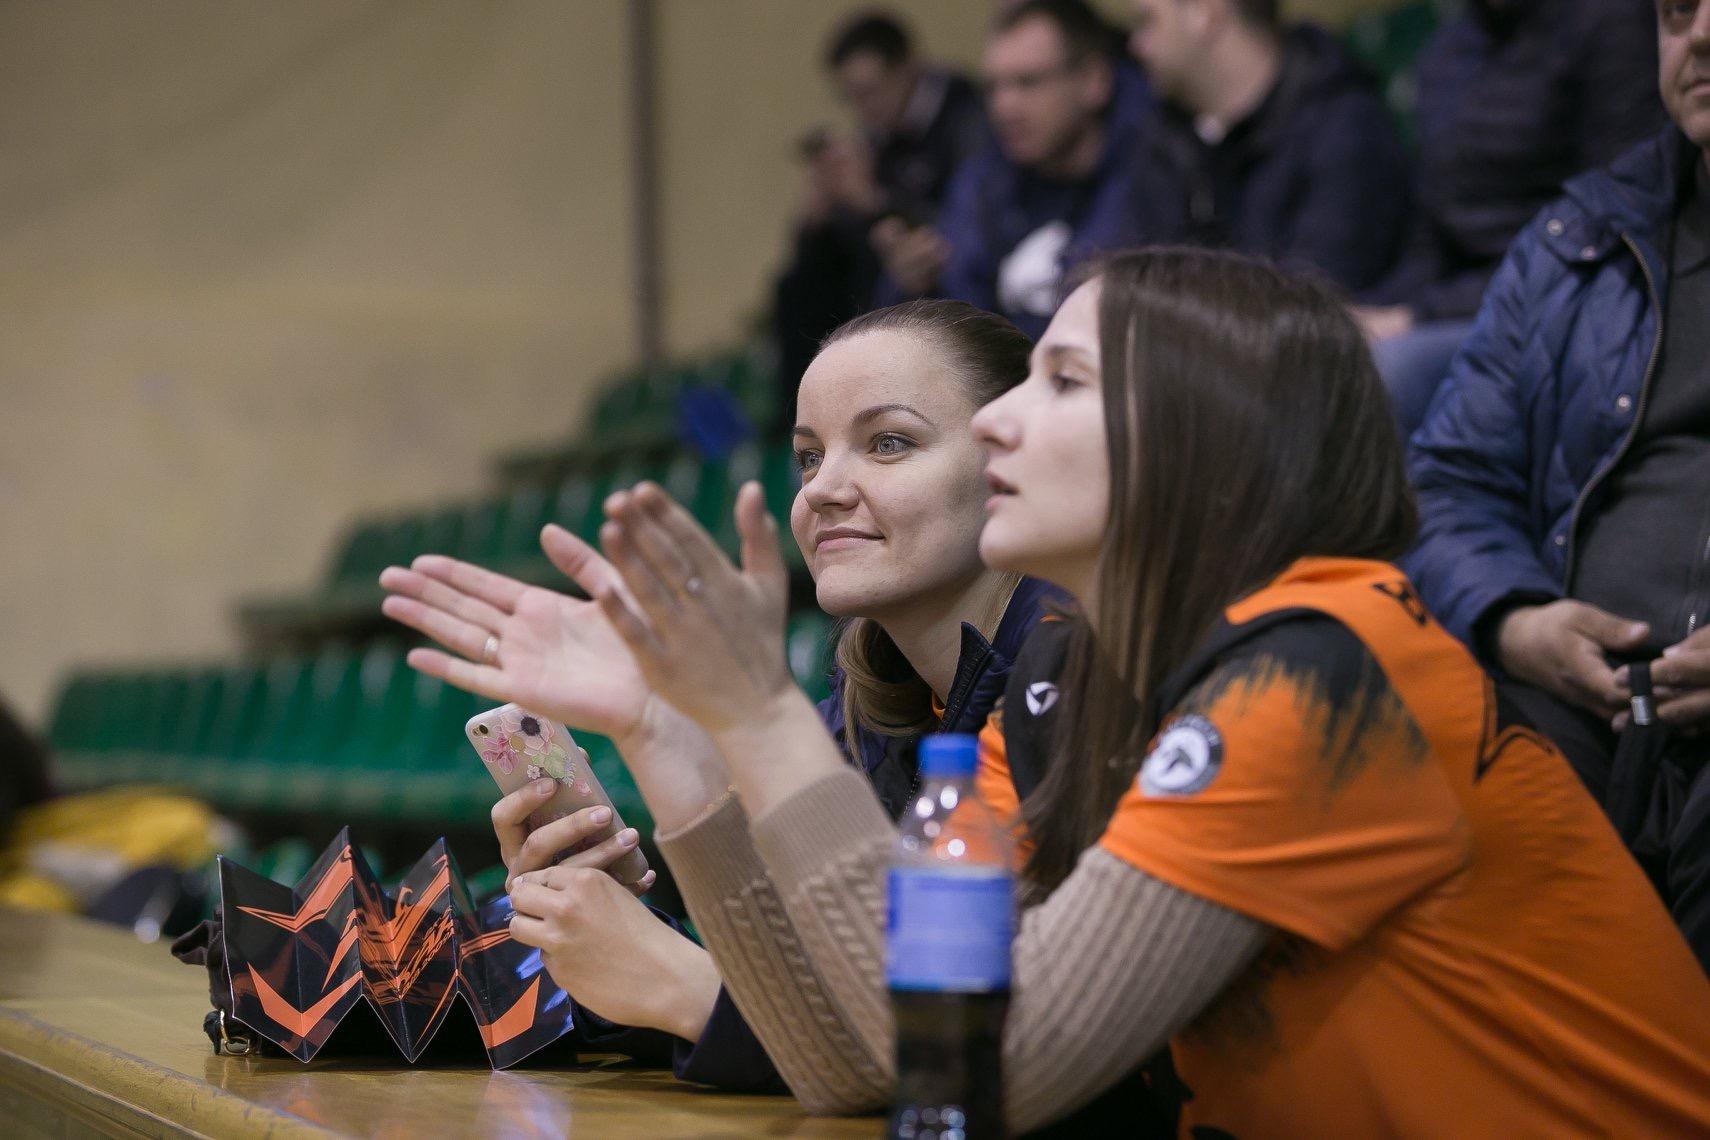 «Барком-Кажани»:»Серце Поділля». Фінал  Чемпіонату. Фотозвіт - 13